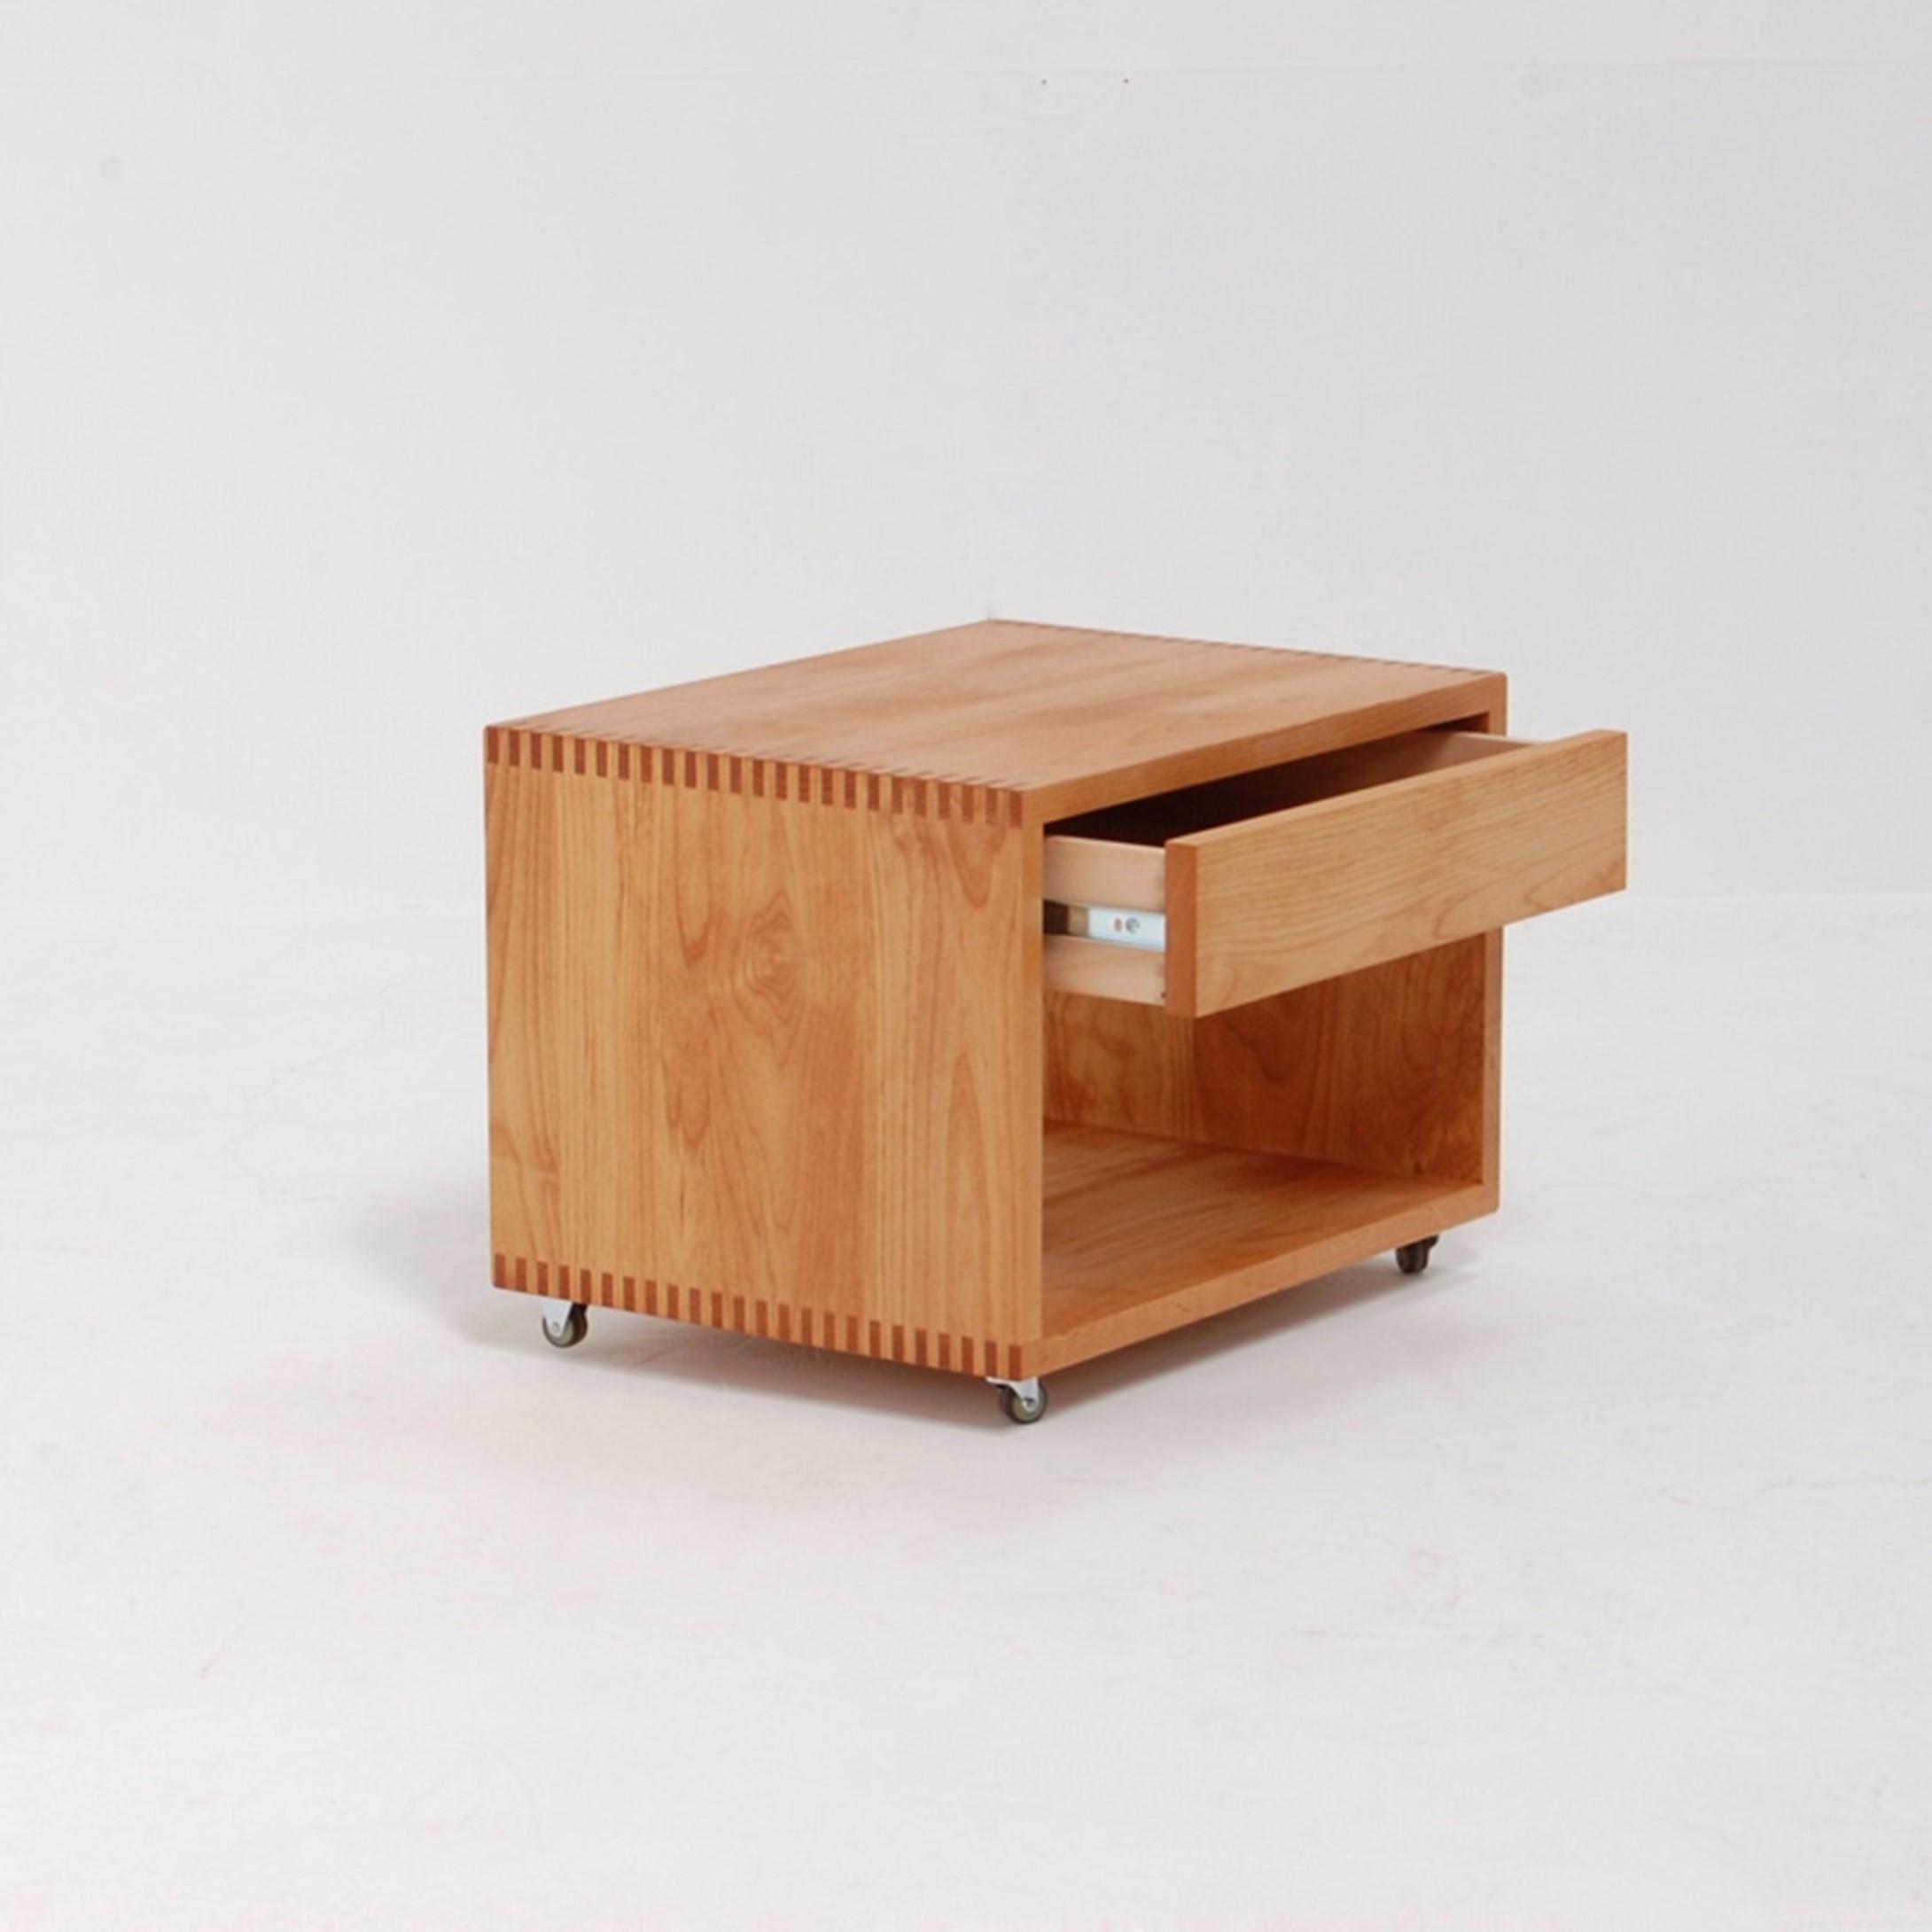 MUKUCAB仕様のプリンター台